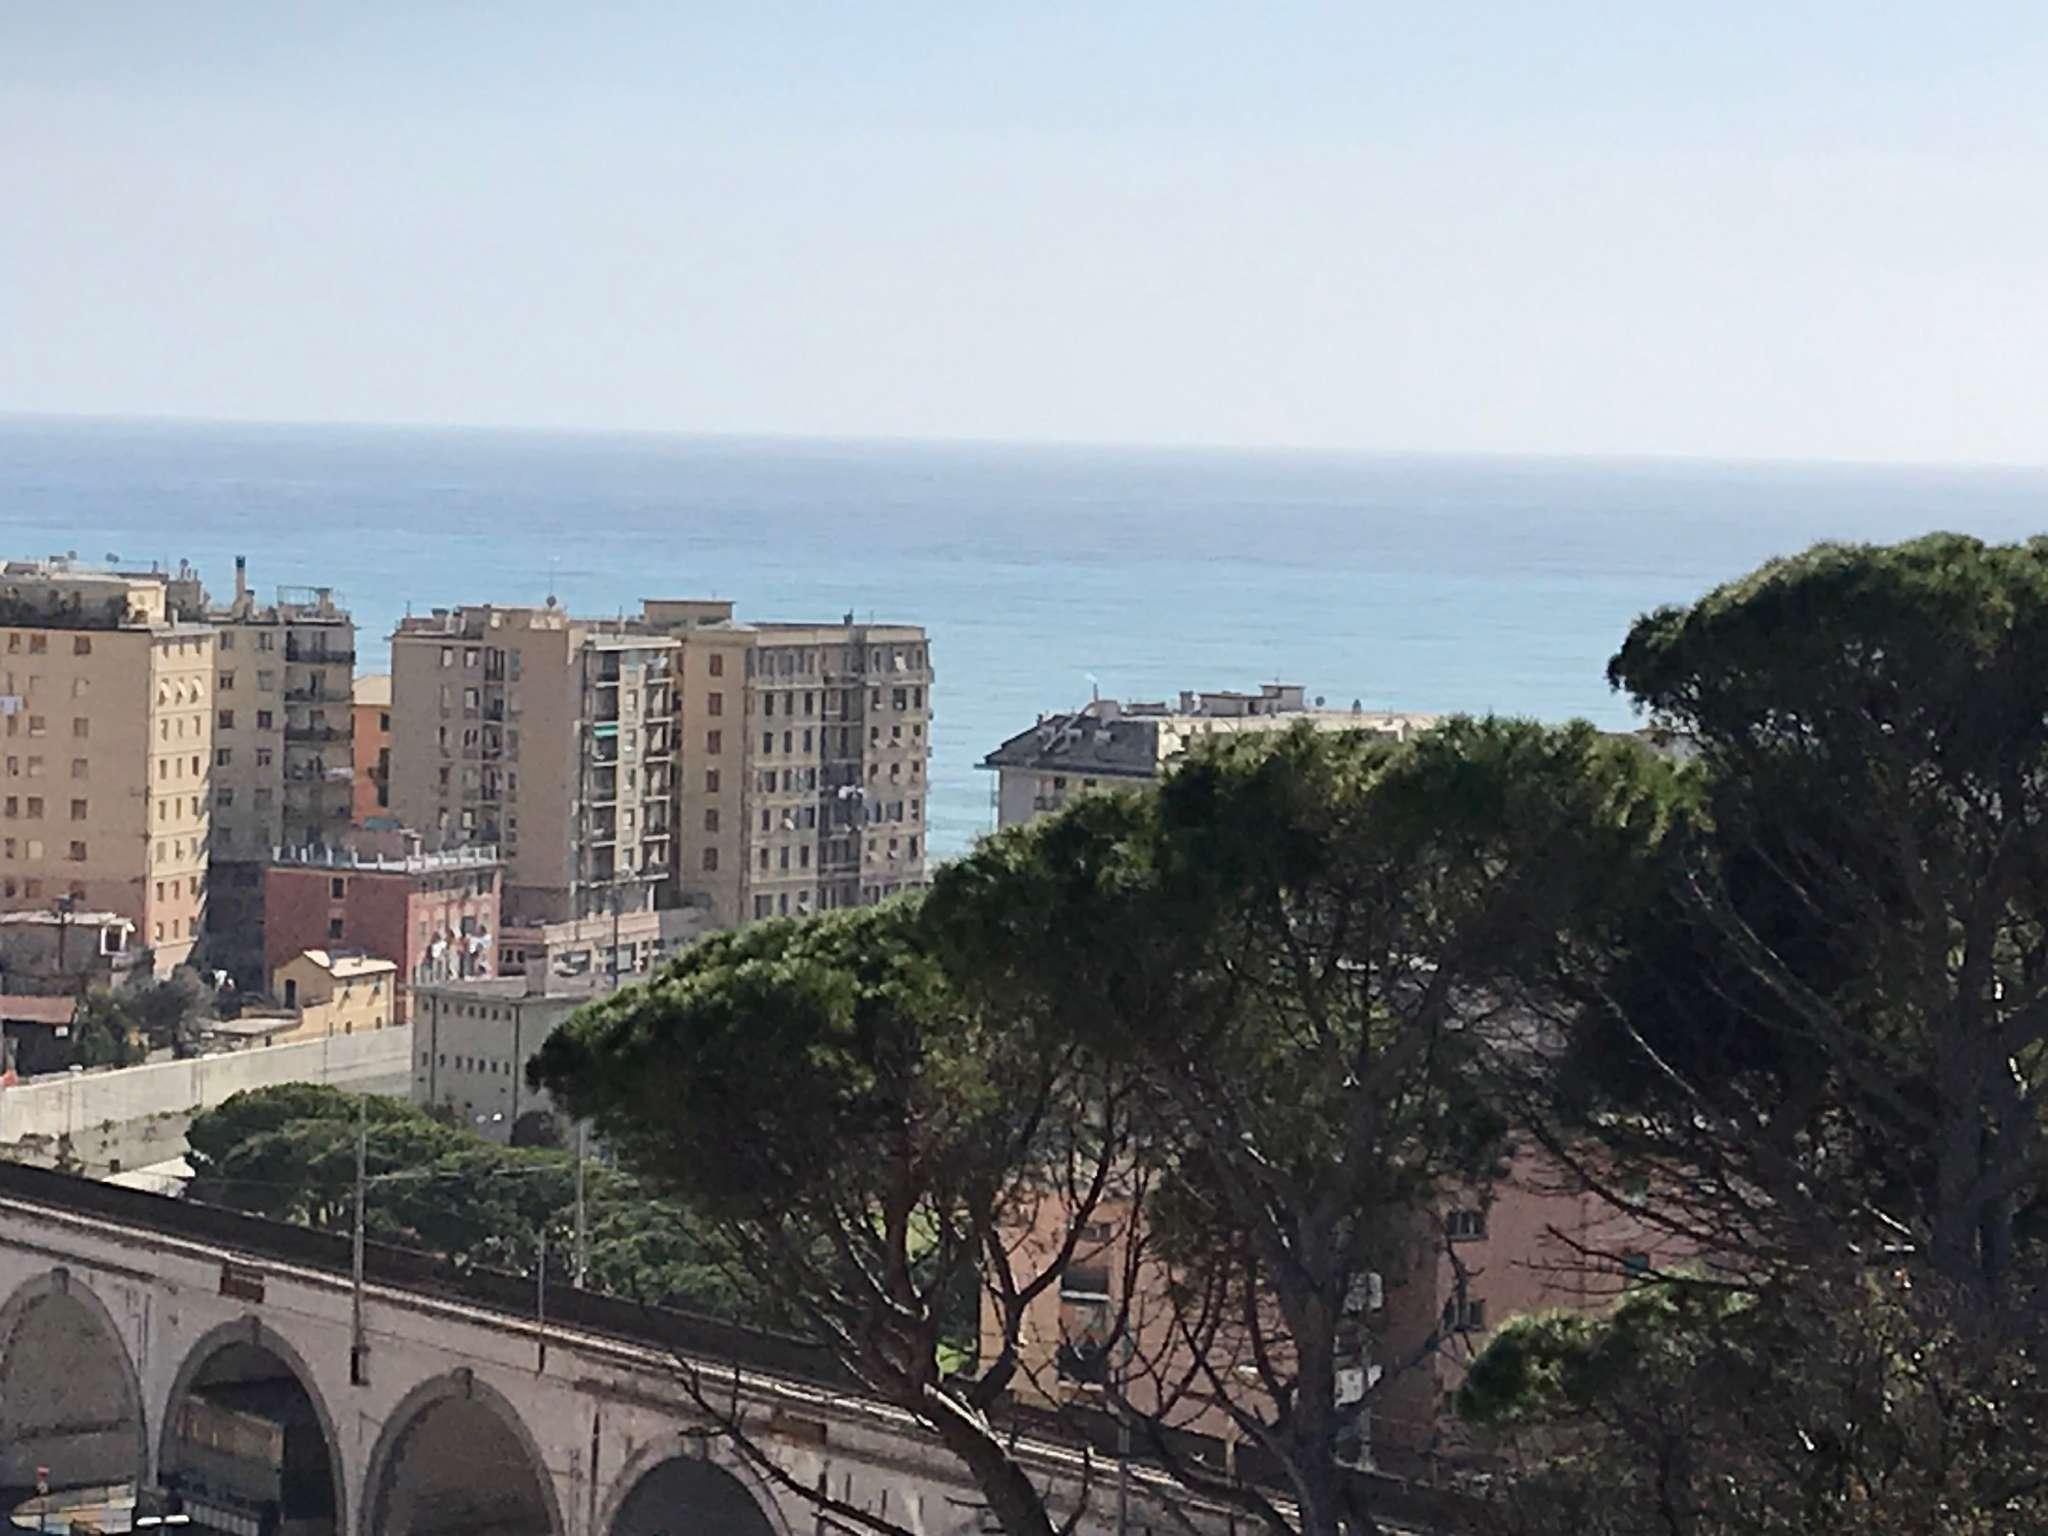 Foto 1 di Appartamento VIA ITALO D'ERAMO, Genova (zona Boccadasse-Sturla)